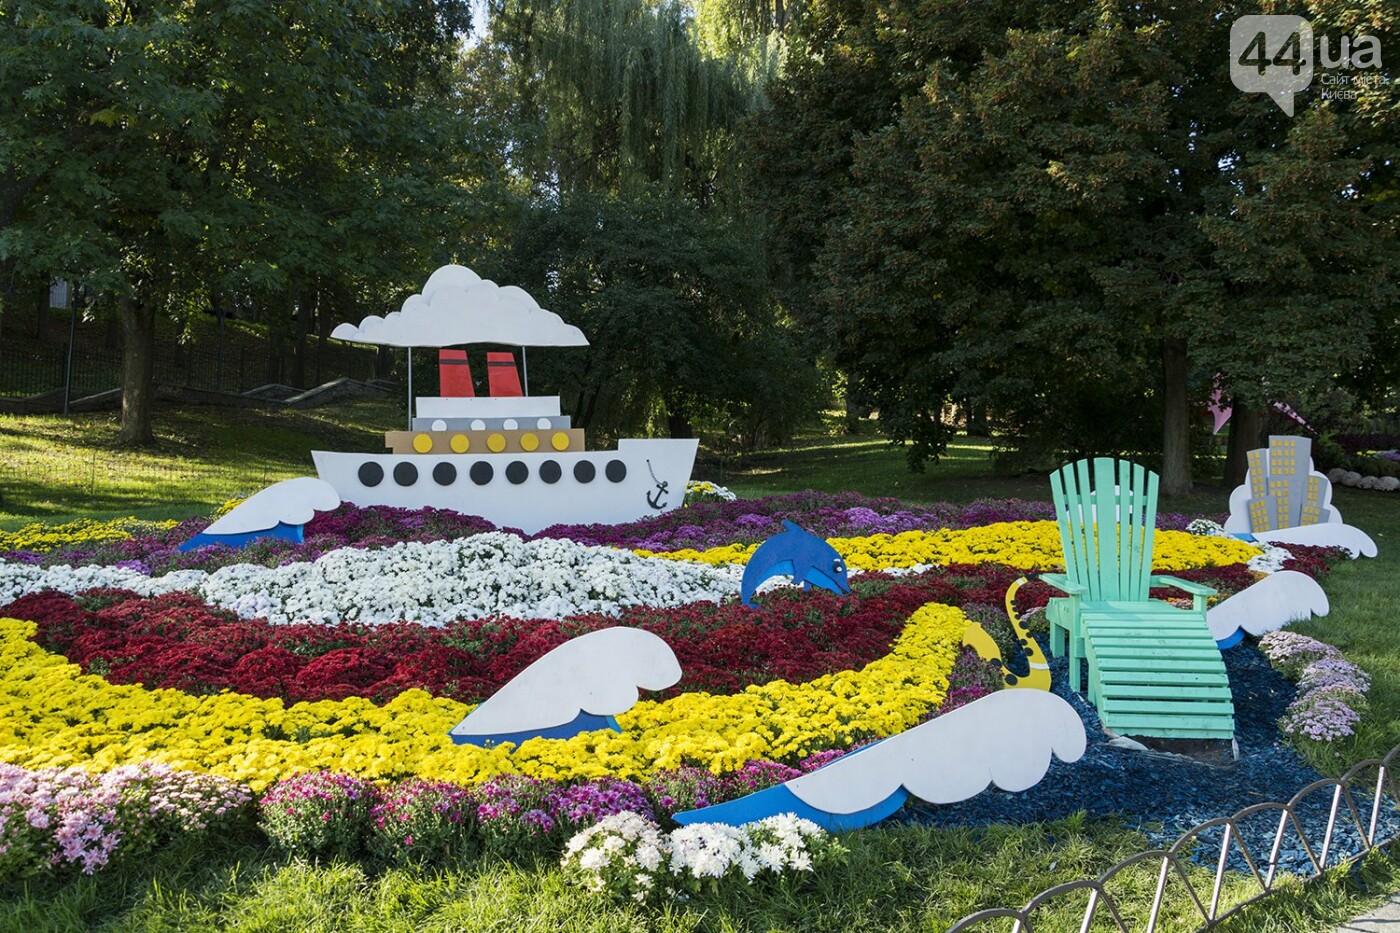 С музыкой и цветами: в Киеве стартовал красочный фестиваль хризантем, - ФОТОРЕПОРТАЖ, фото-2